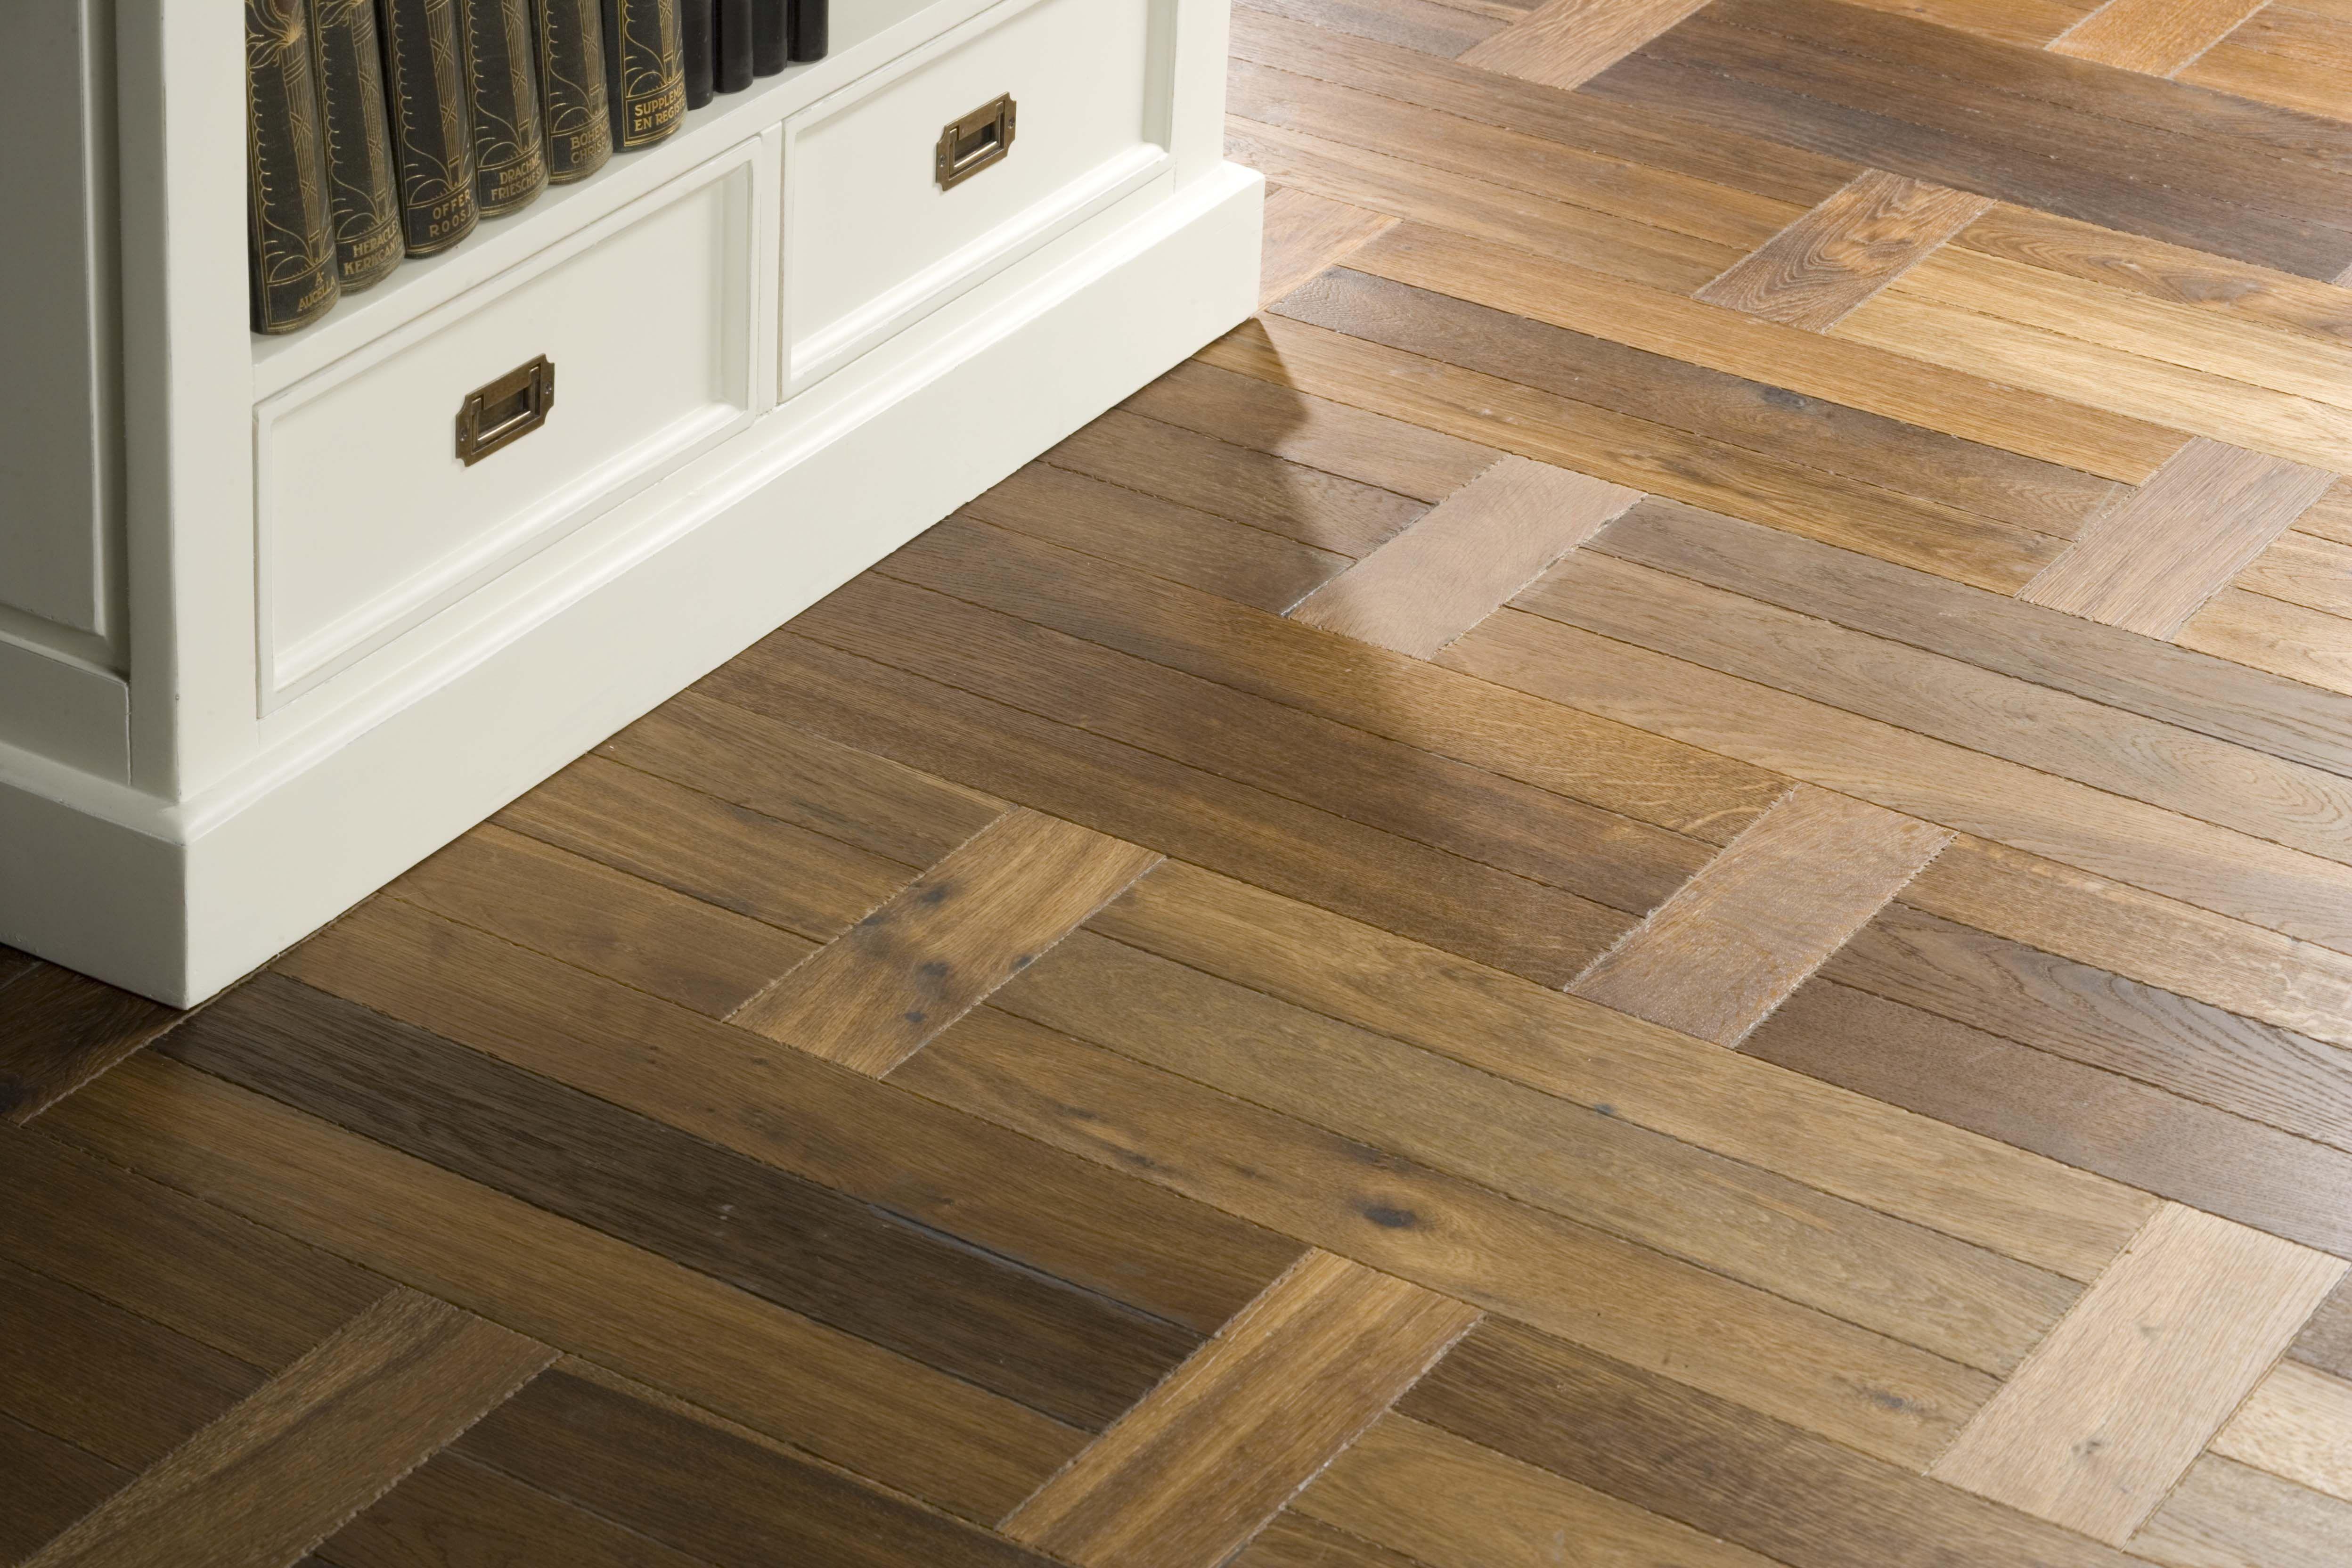 Houten Vloer Veert : Almaparket vloeren breda houten vloer in een klassiek